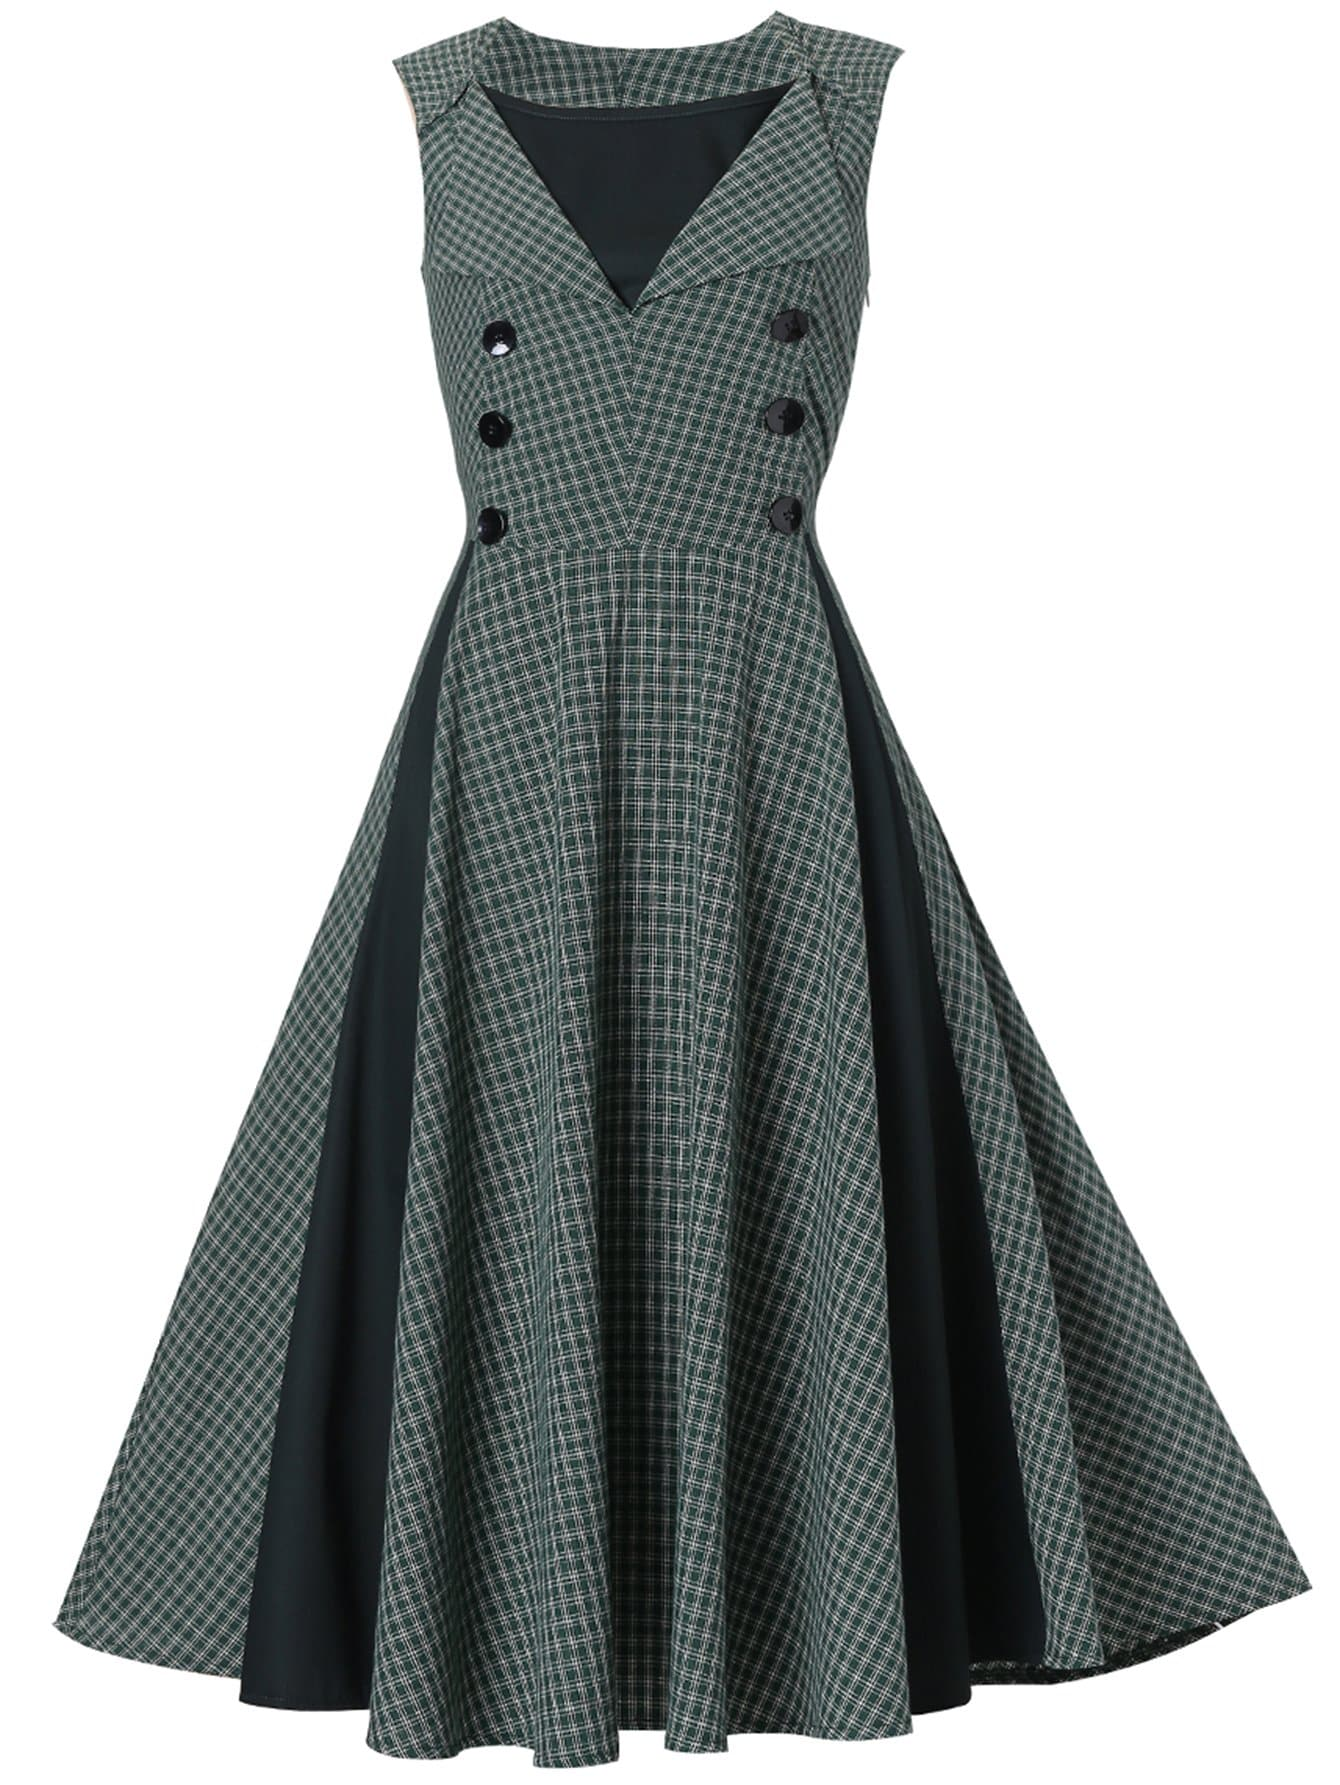 Купить Платье в клетку и с украшением пуговицы, null, SheIn